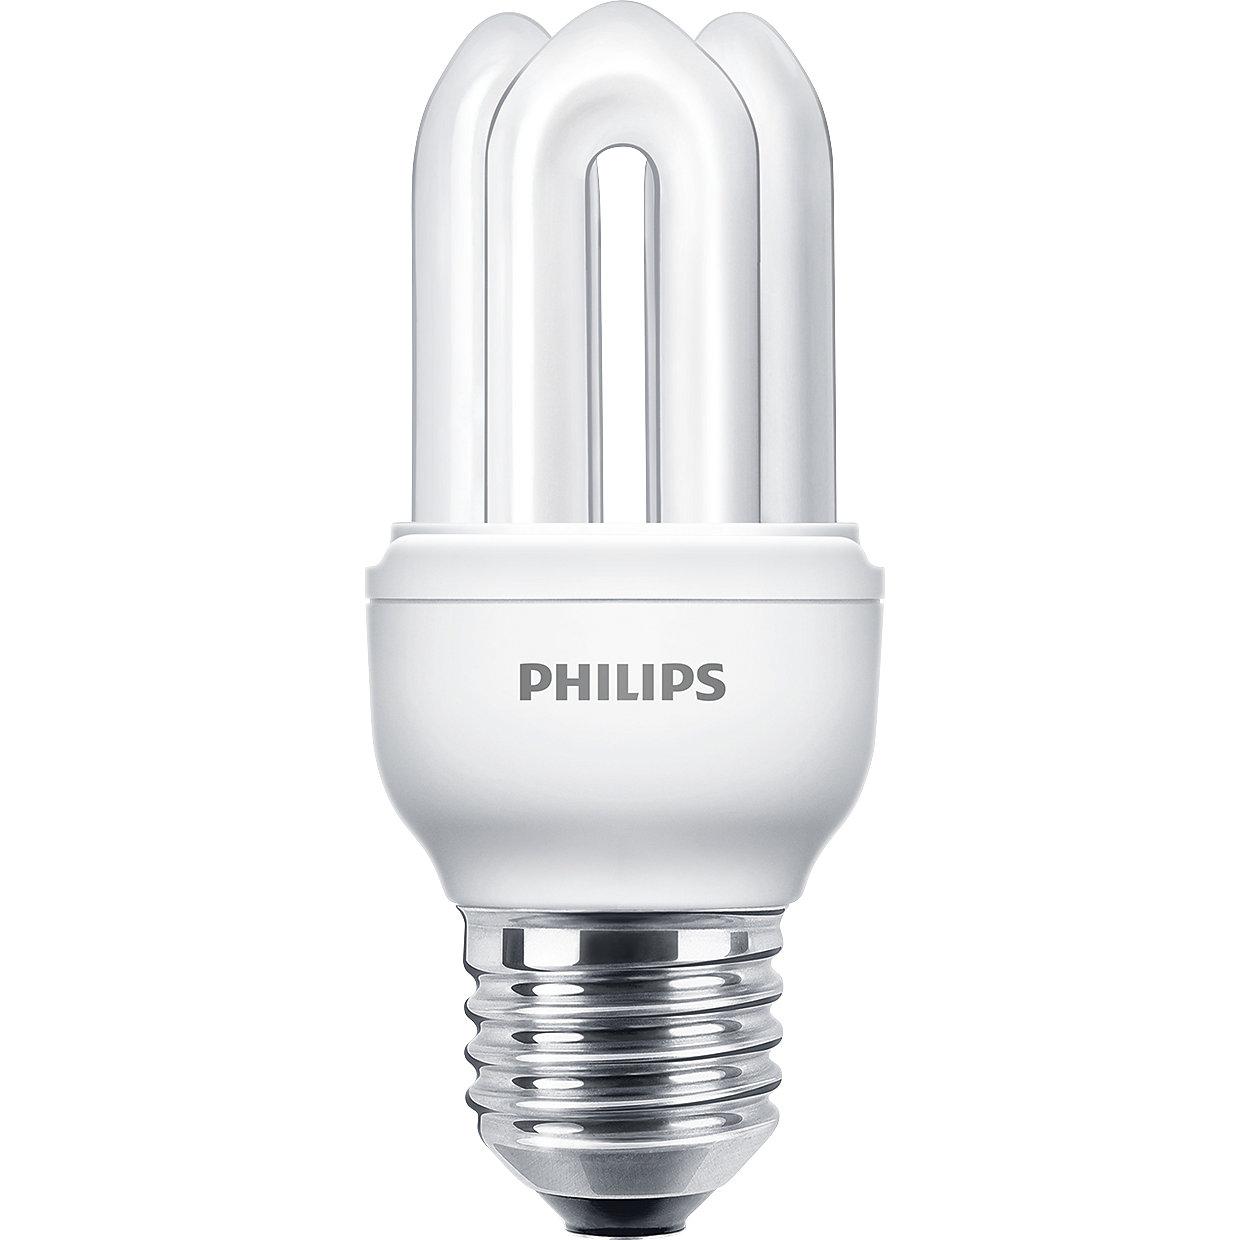 Kis méretű, nagy fényerejű energiatakarékos fényforrás, amely kiváló minőségű fényhatást nyújt